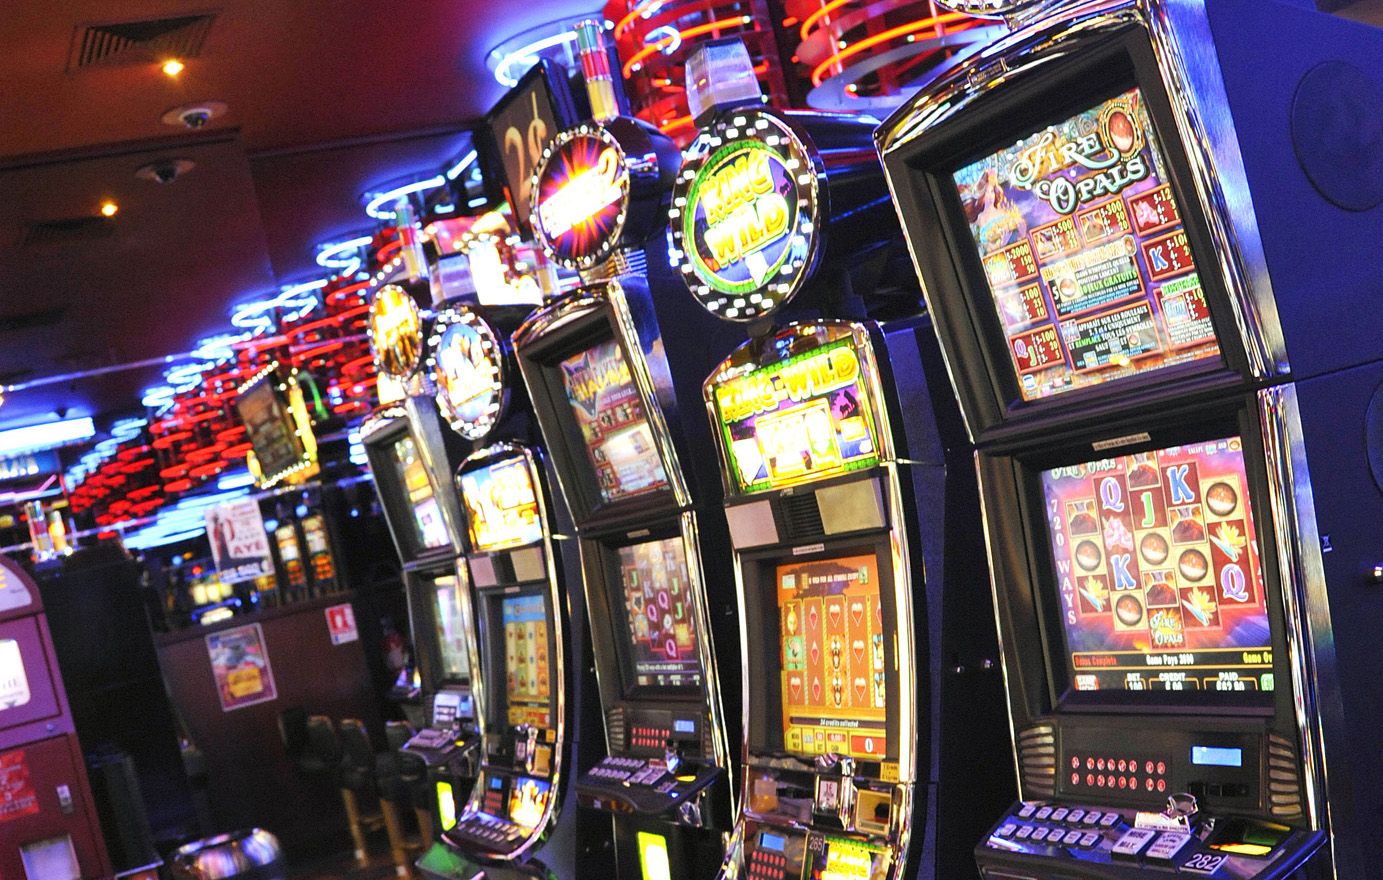 Jeux Gratuits Casino Machines Г Sous Sans TГ©lГ©chargement